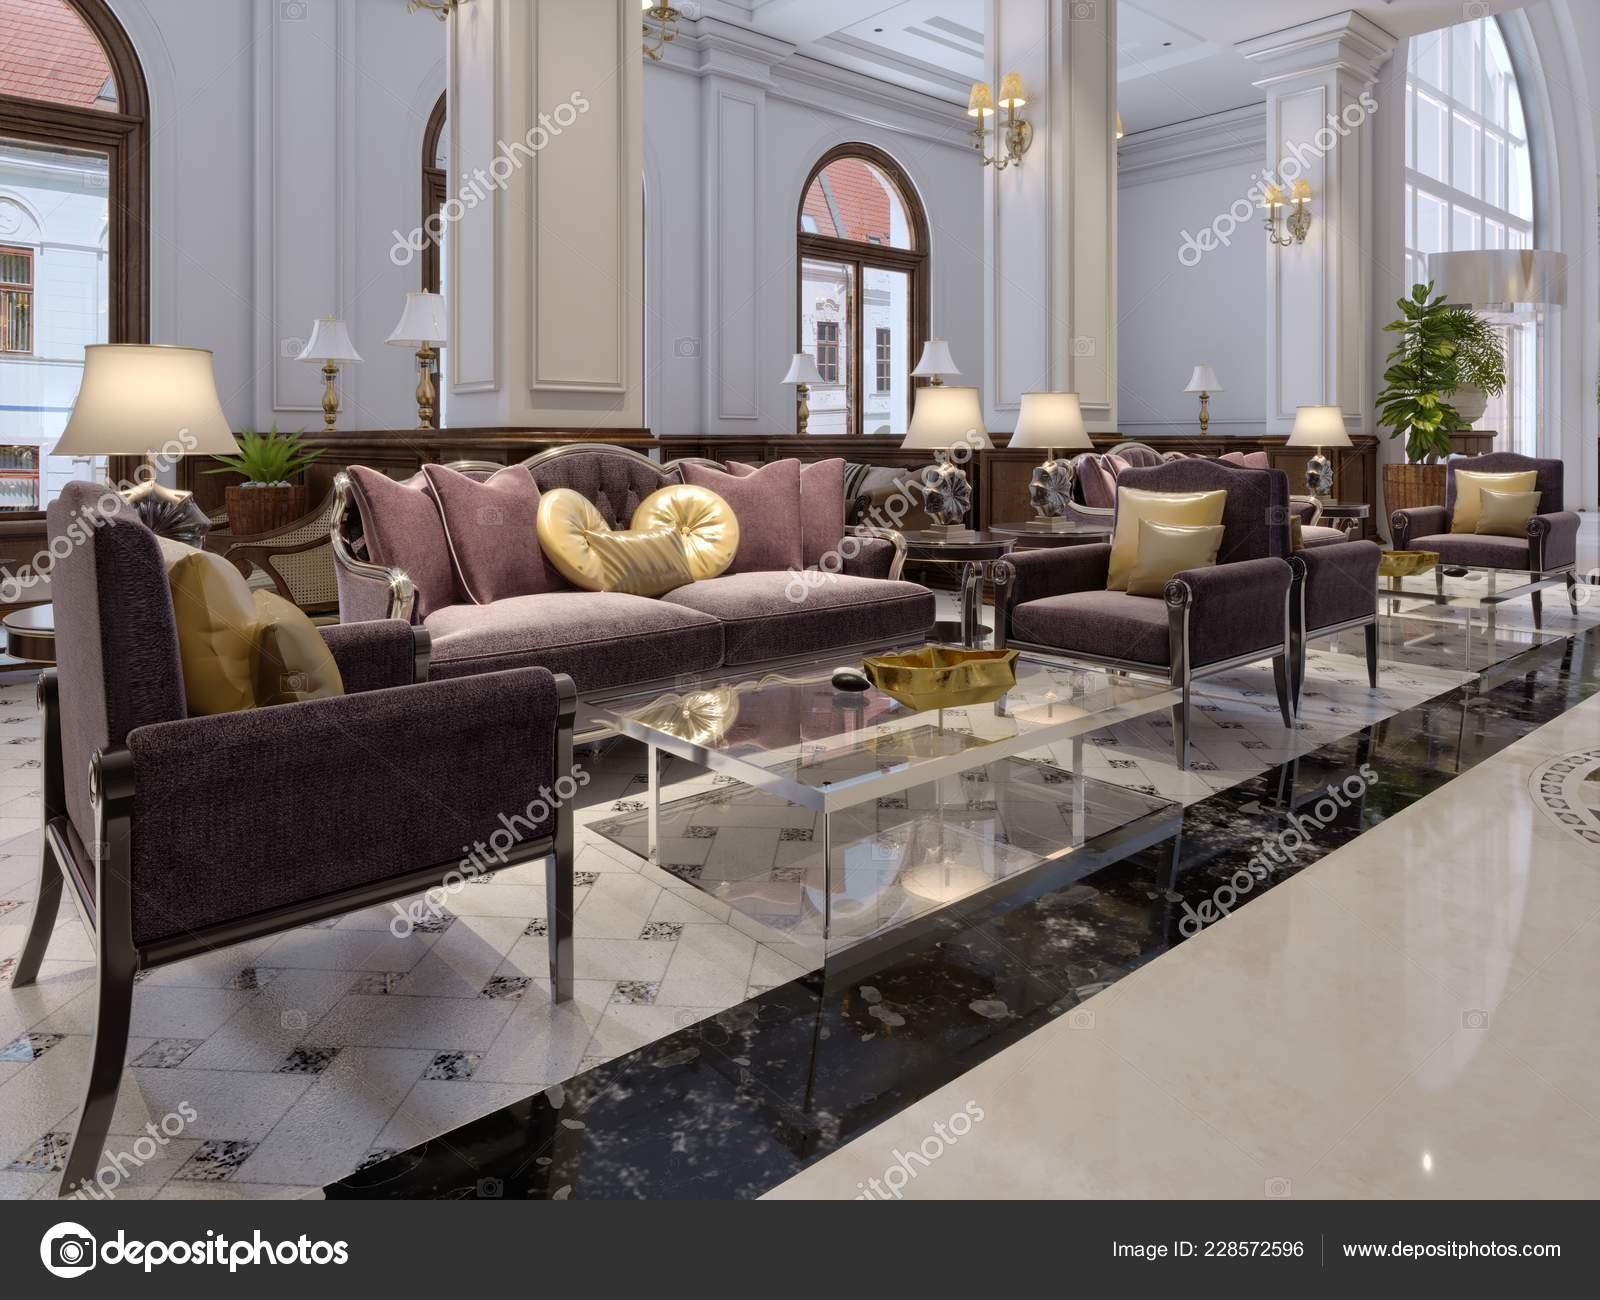 Hotel Lobby Klassischen Stil Mit Luxuriosen Art Deco Mobel